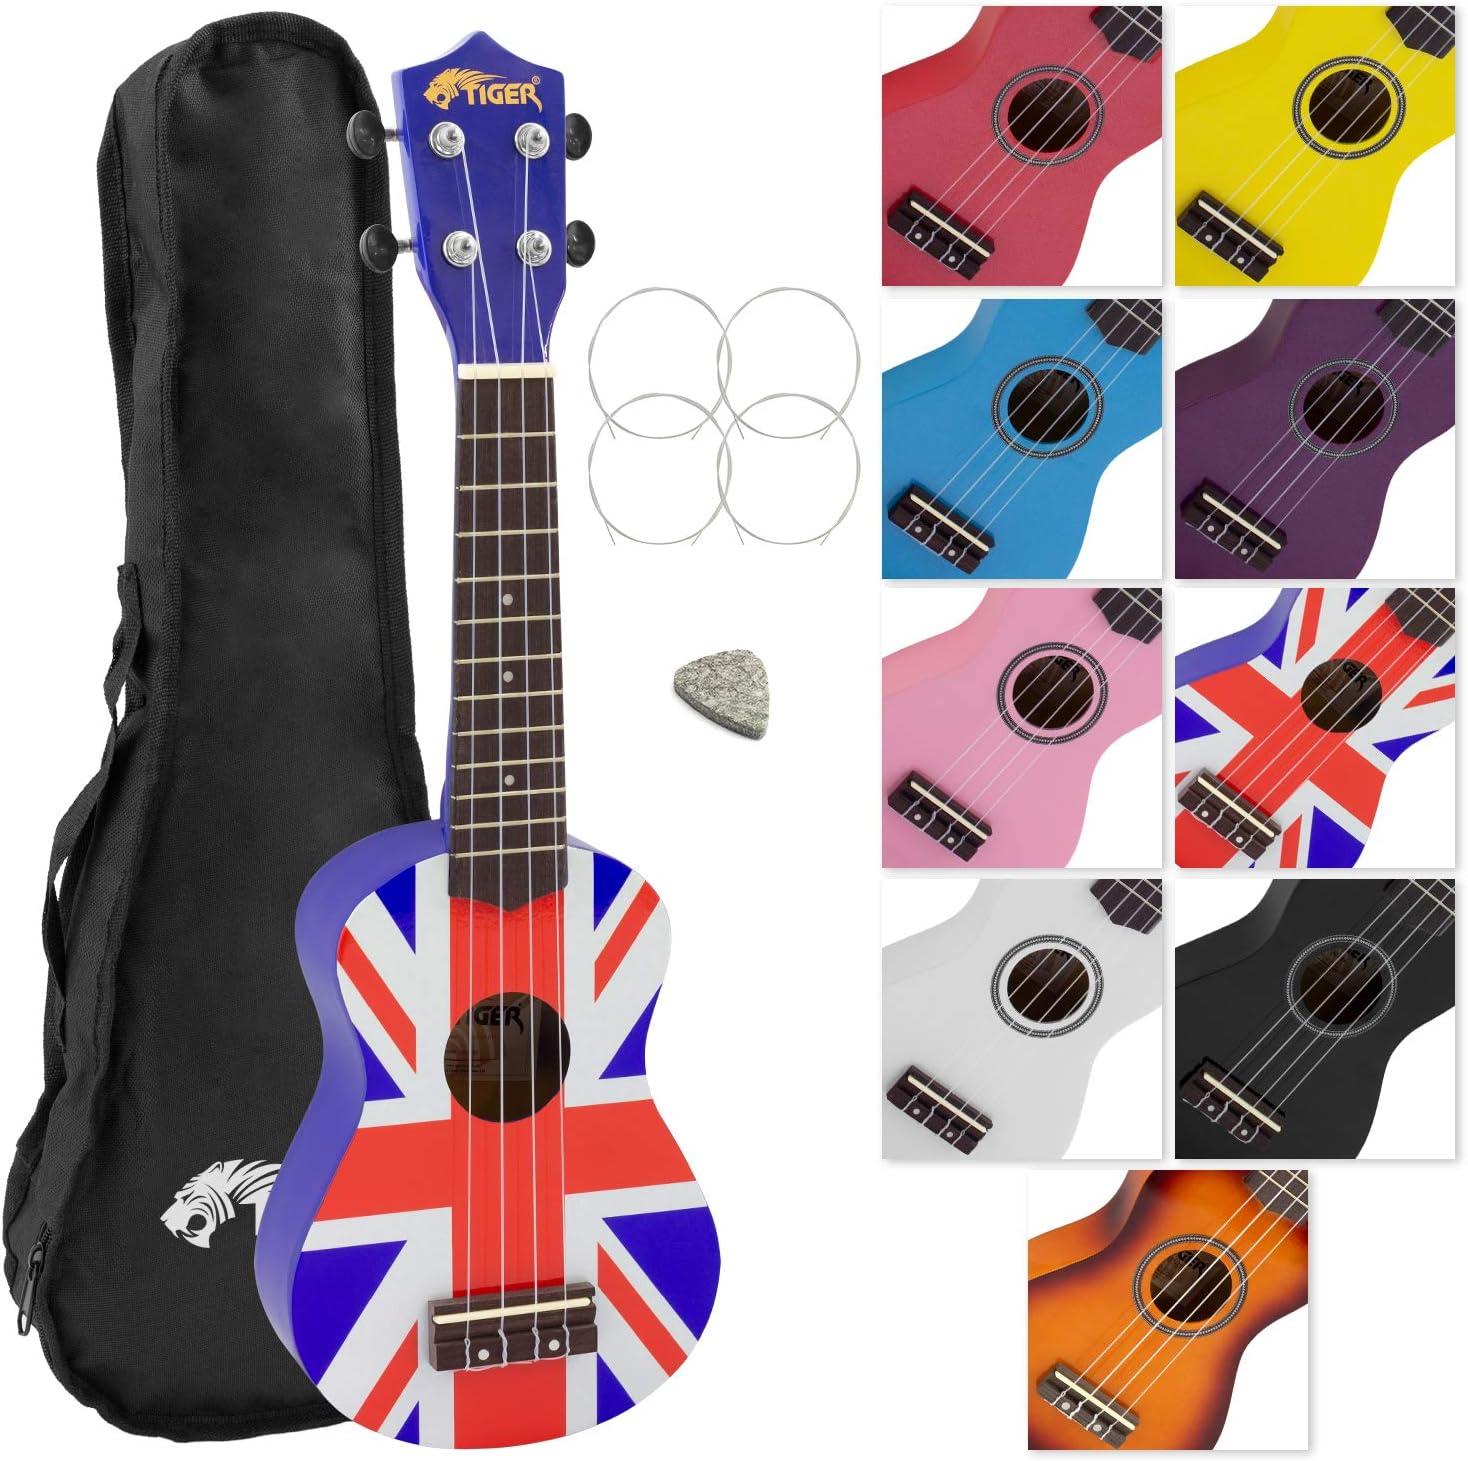 Tiger UKE10-UK - Ukelele soprano para principiantes con funda, diseño de bandera británica: Amazon.es: Instrumentos musicales